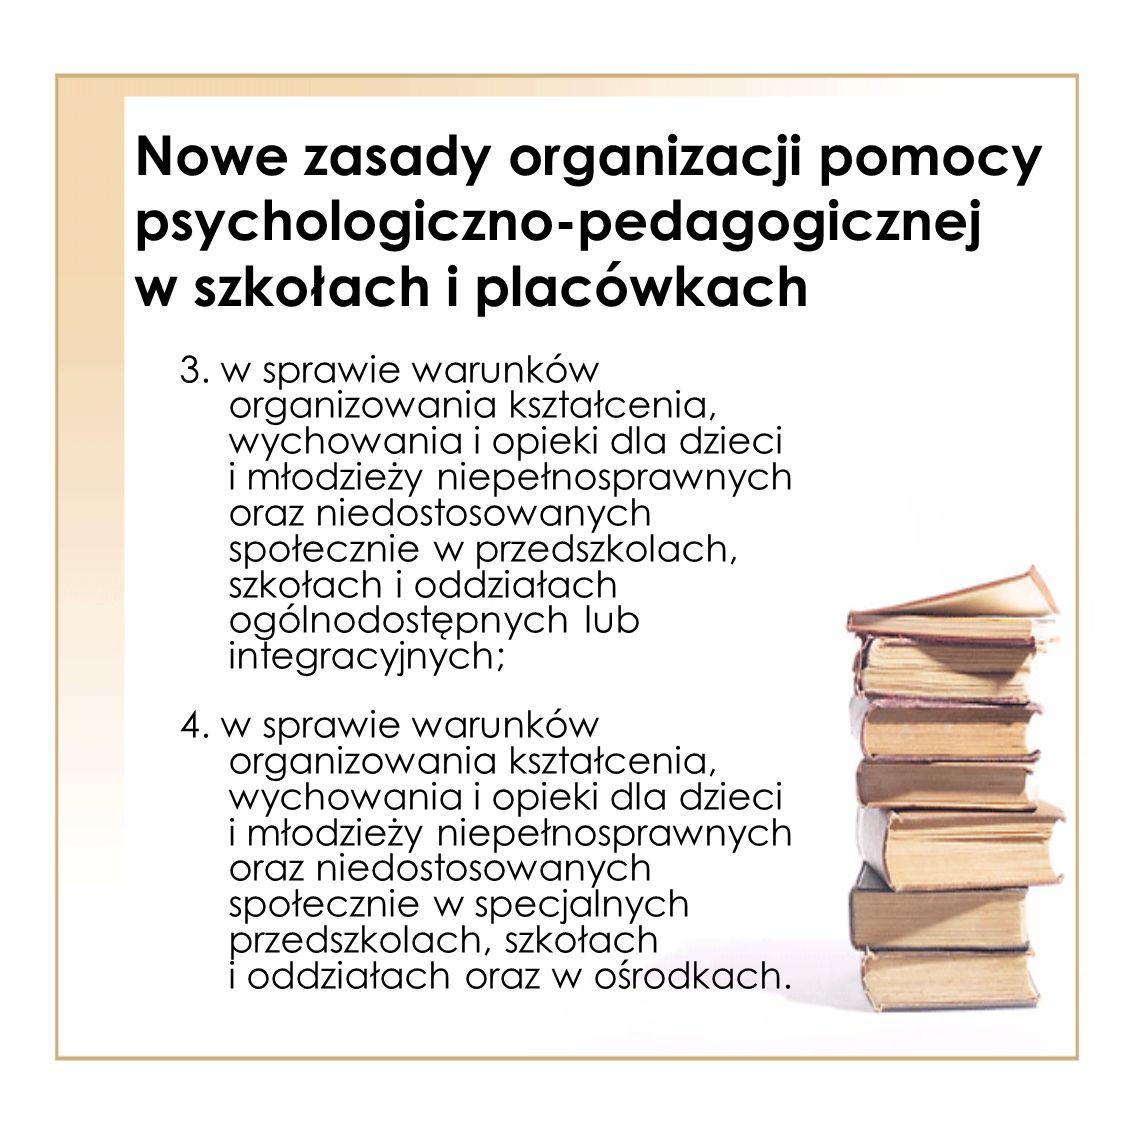 Nowe zasady organizacji pomocy psychologiczno-pedagogicznej w szkołach i placówkach